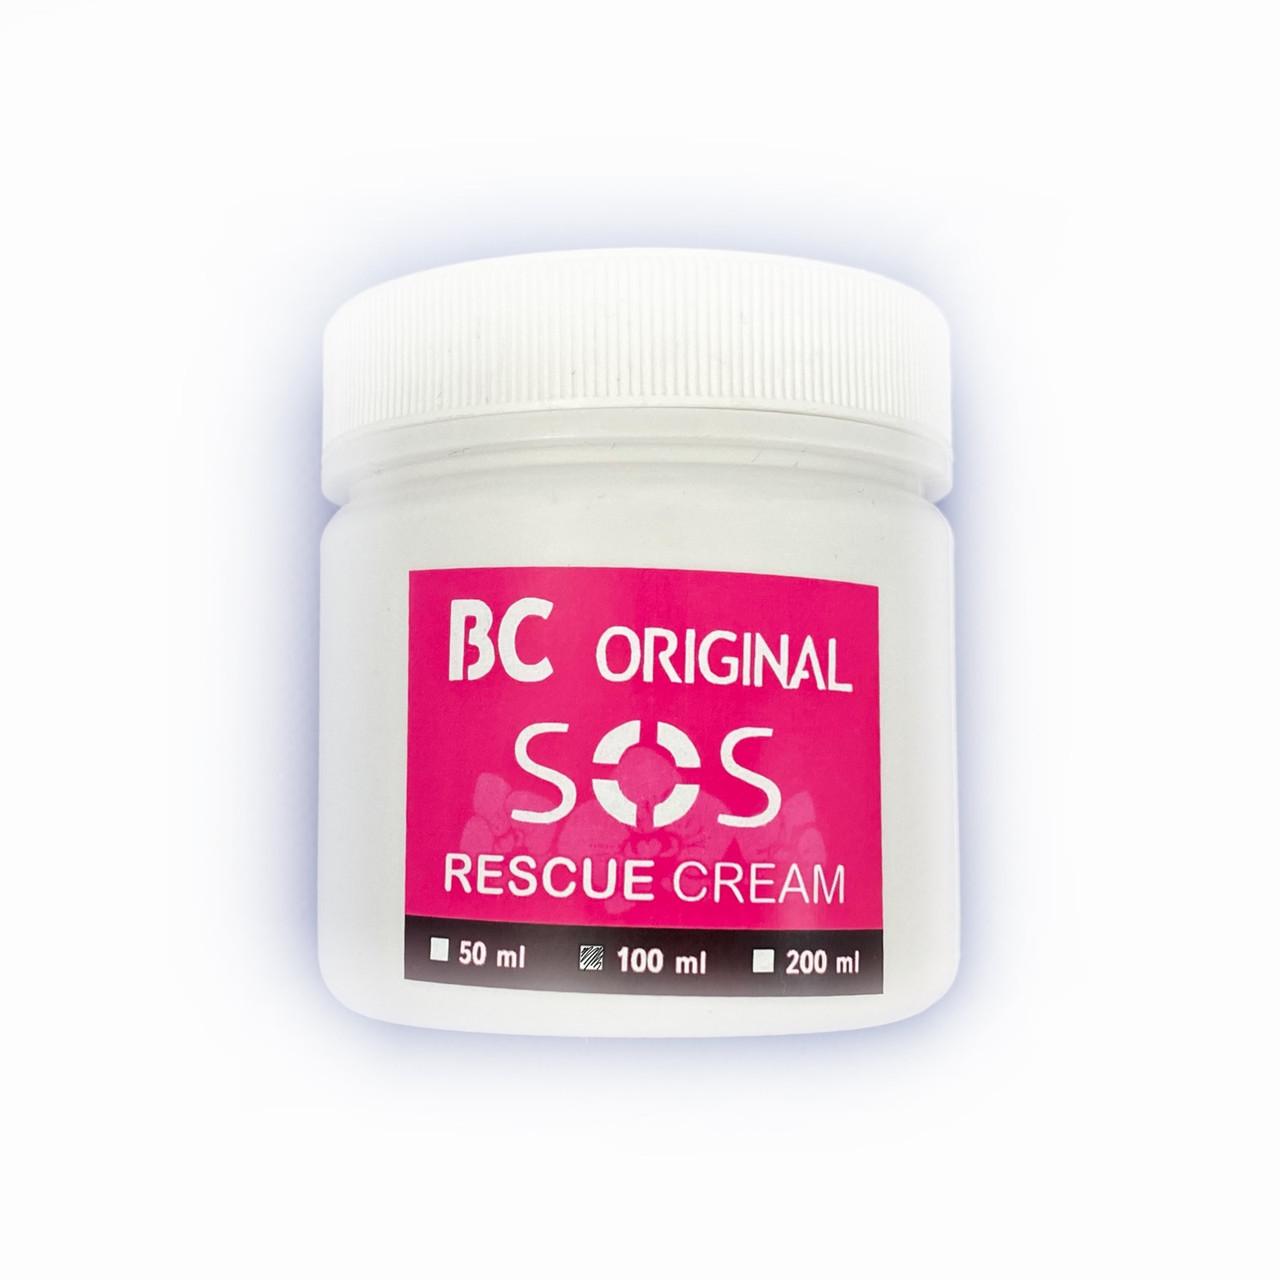 Ботекс BC Original SOS Rescue Cream ESK Professional, 100 мл